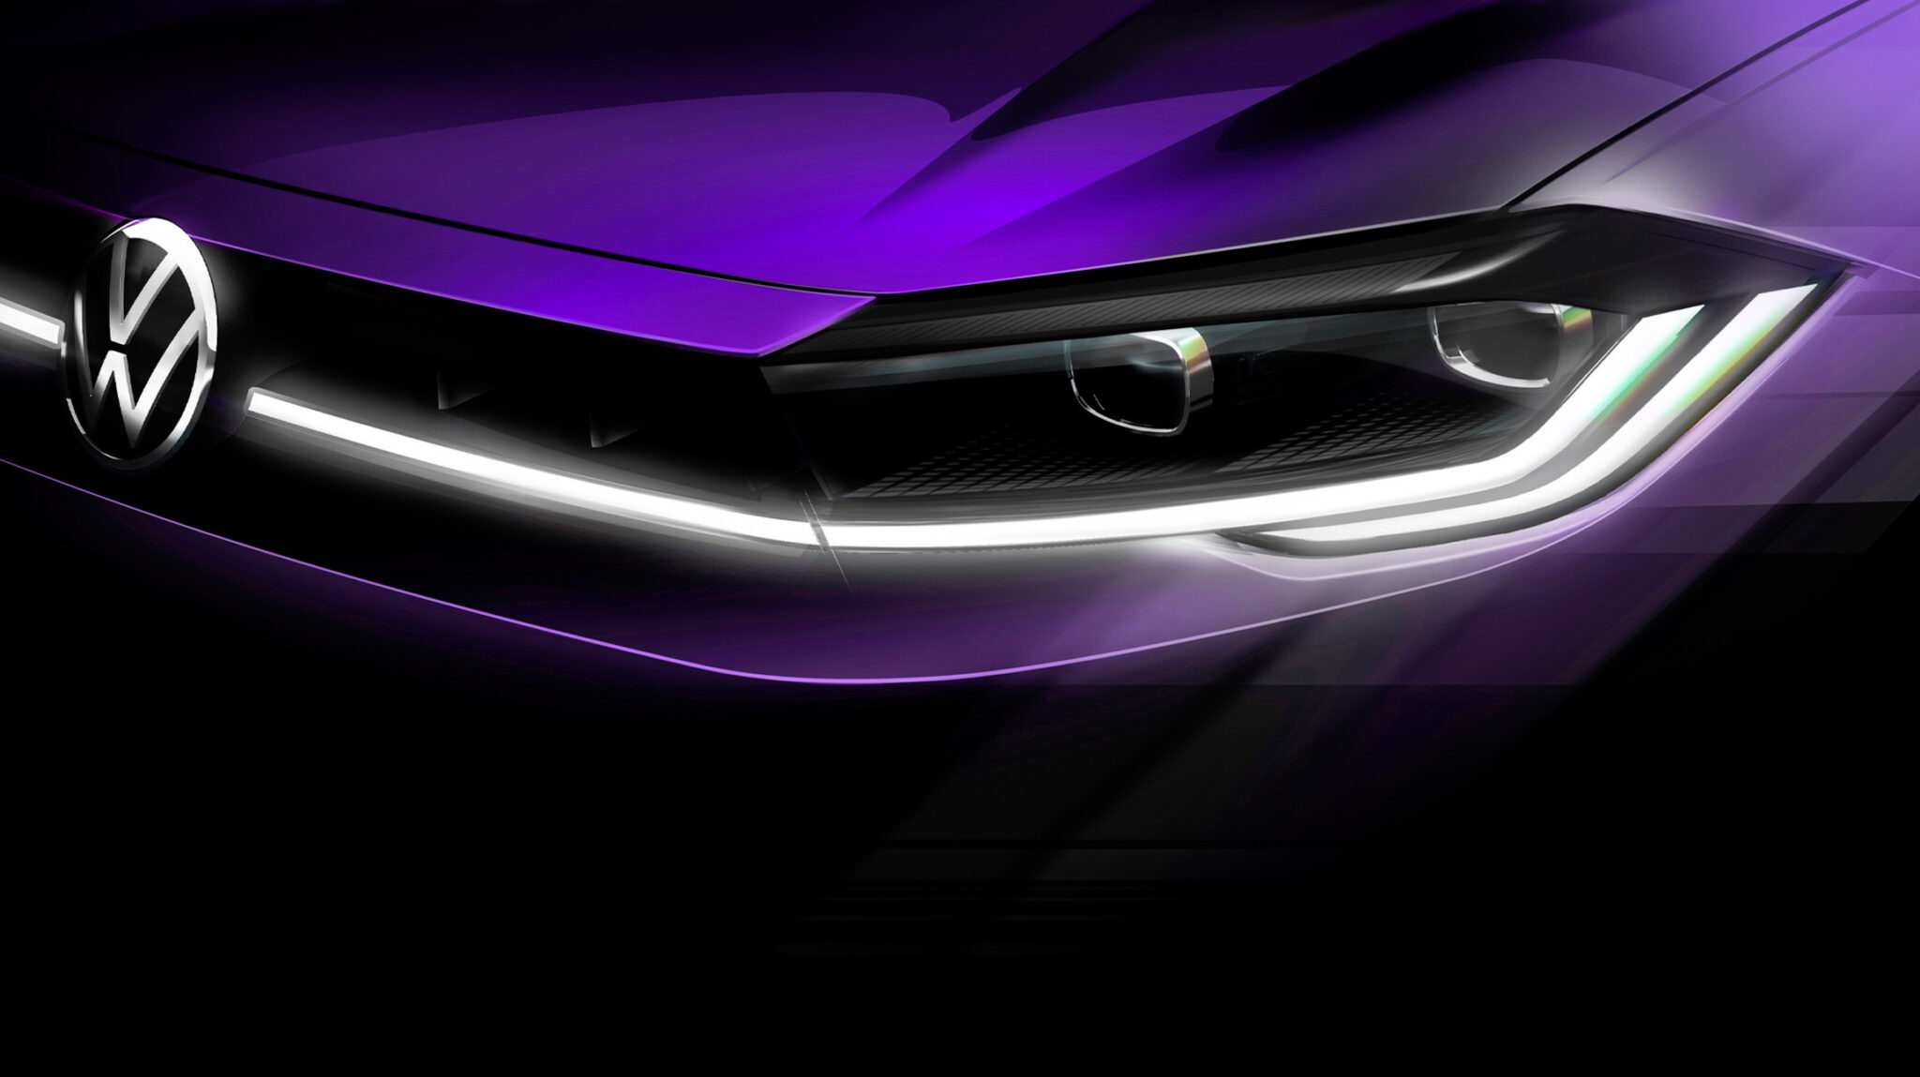 Фотографию-тизер нового Polo опубликовал Volkswagen перед мировой премьерой